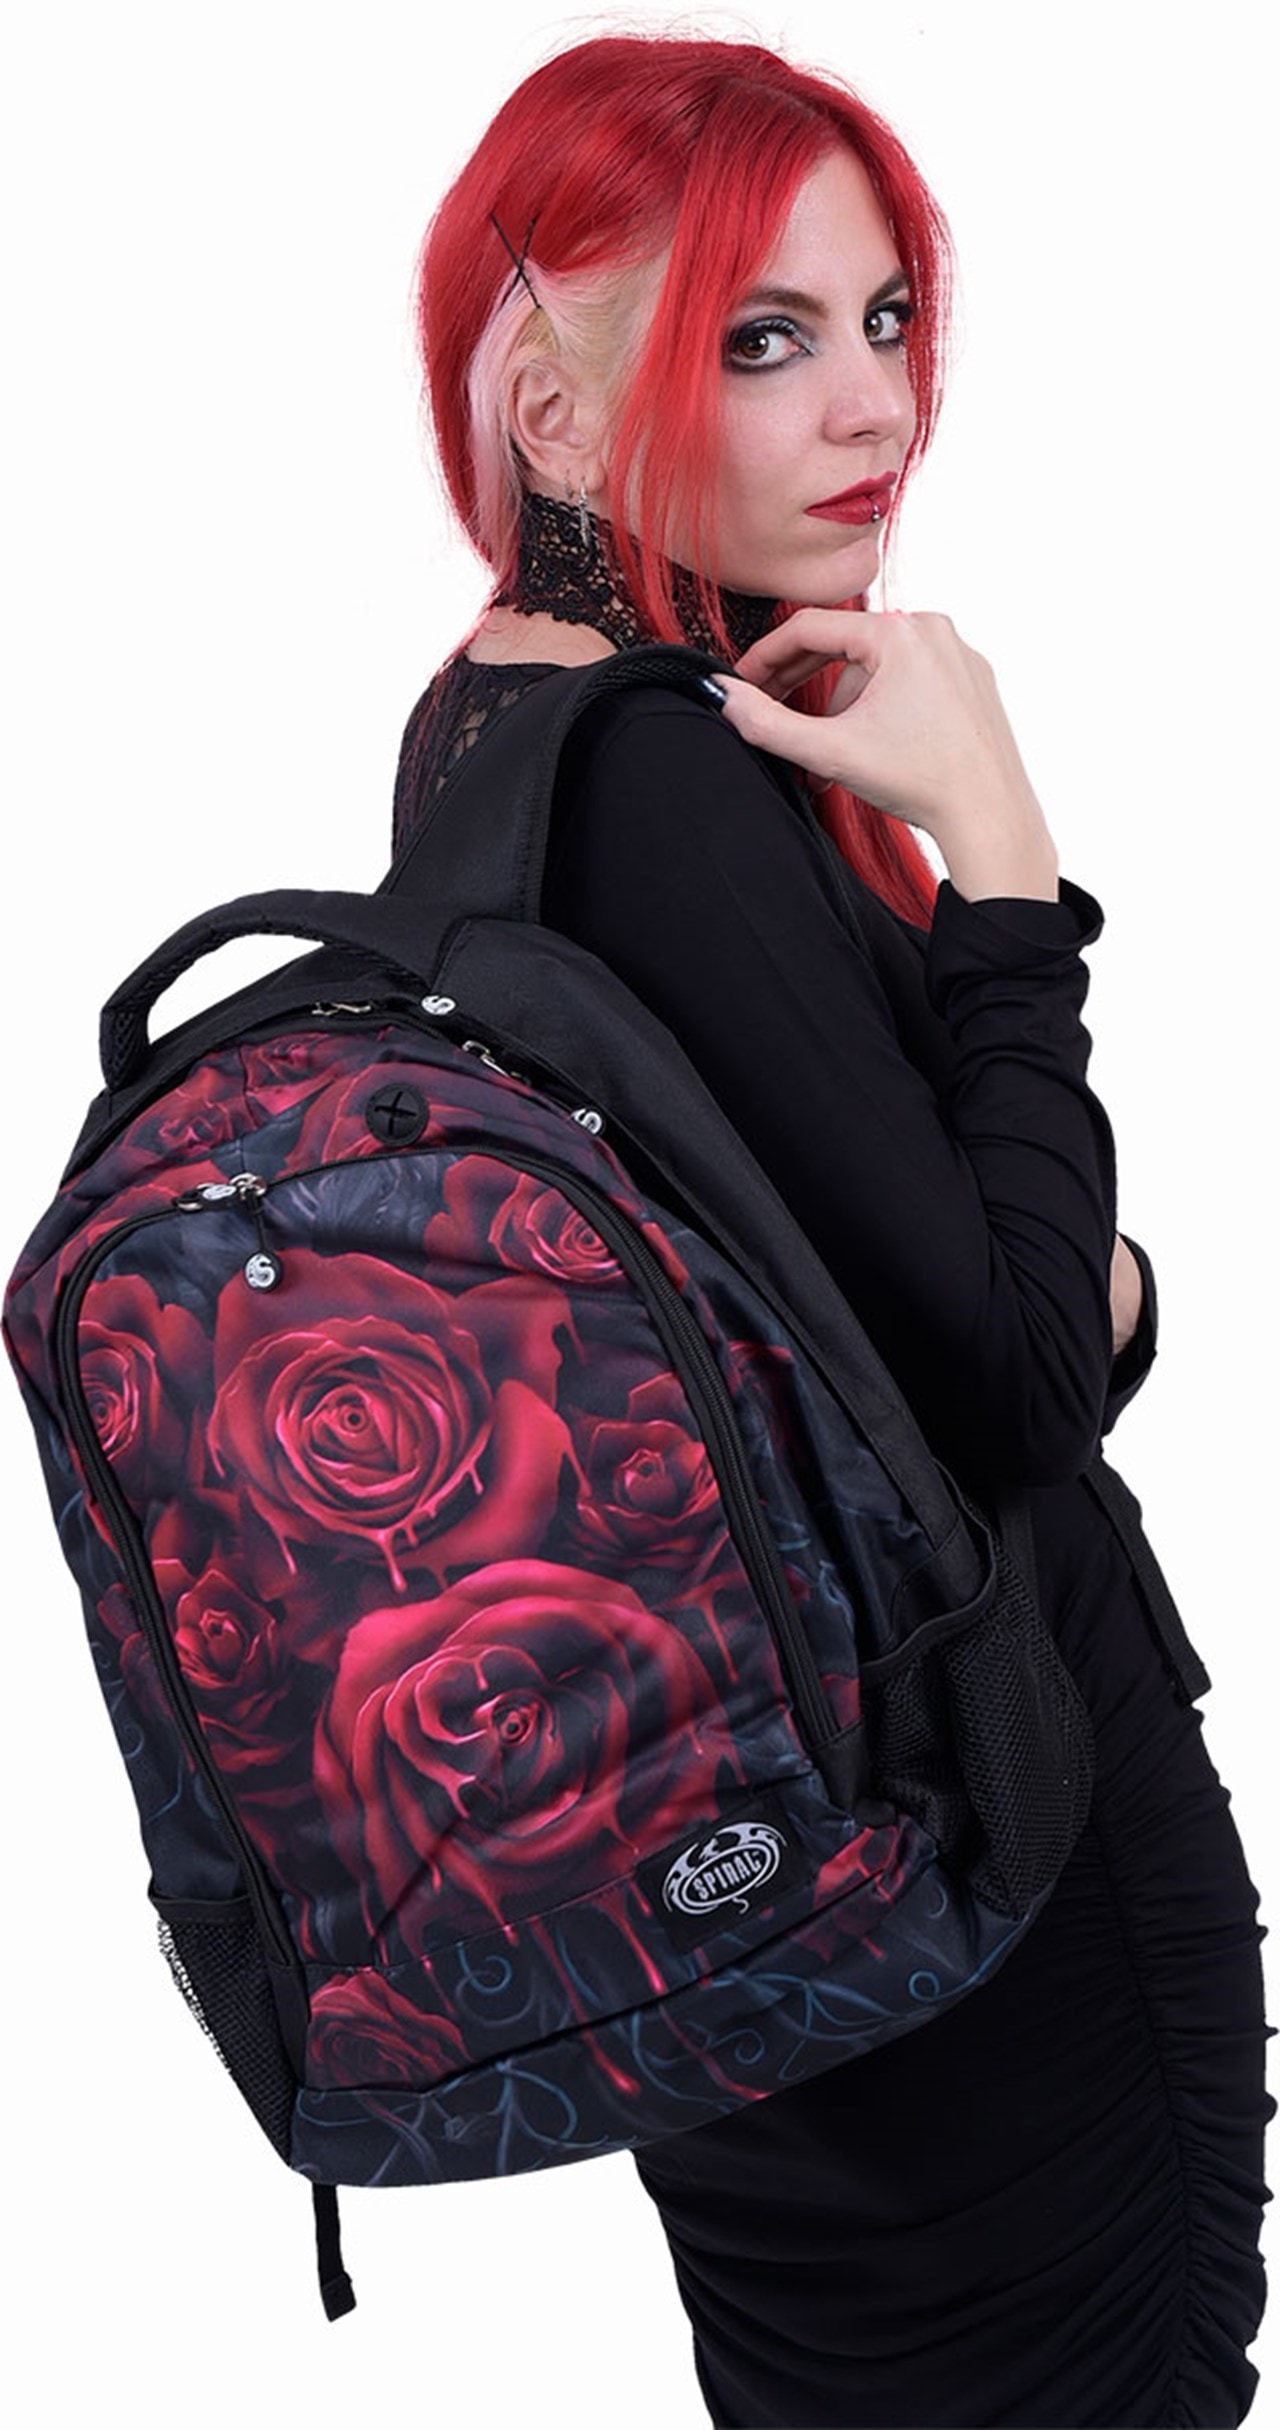 Blood Rose Backpack with Laptop Pocket - 2